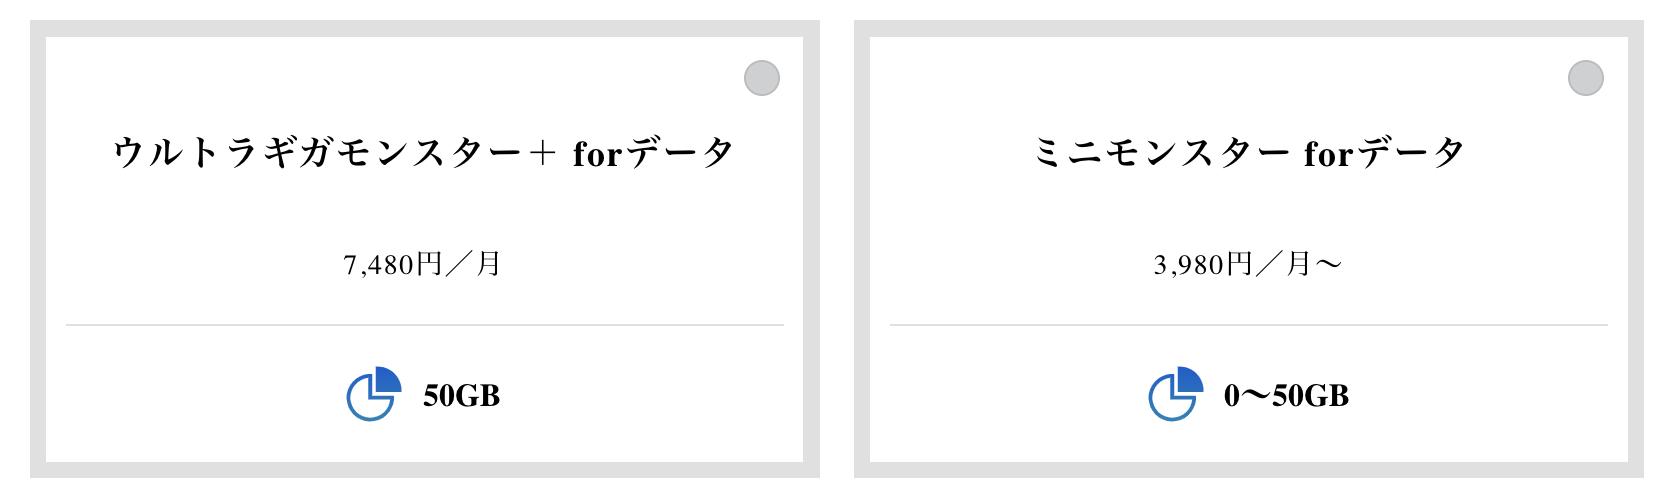 SoftBankのモバイルワイファイ の料金プラン